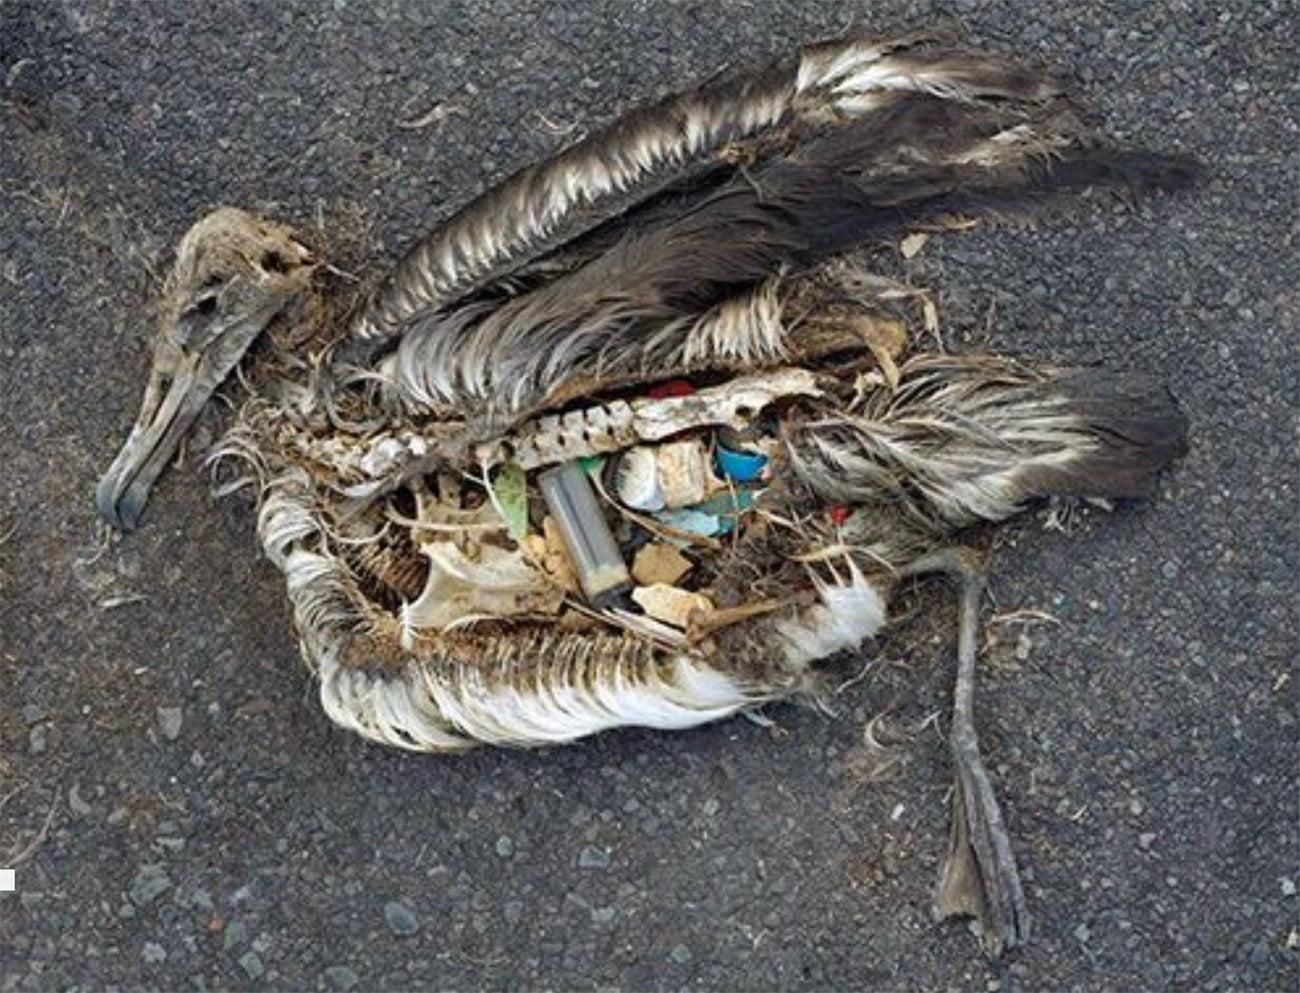 Imagem de ave com estômago recheado de plástico